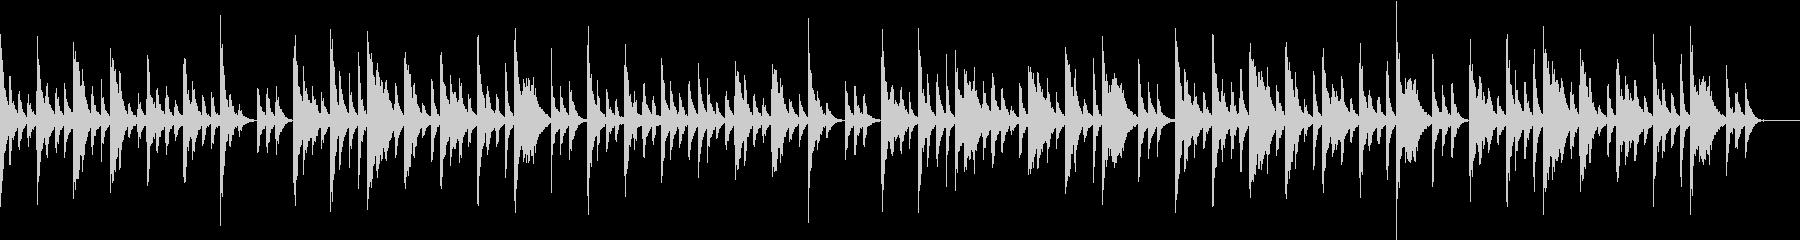 赤ちゃんに聴かせるエレクトリックピアノの未再生の波形